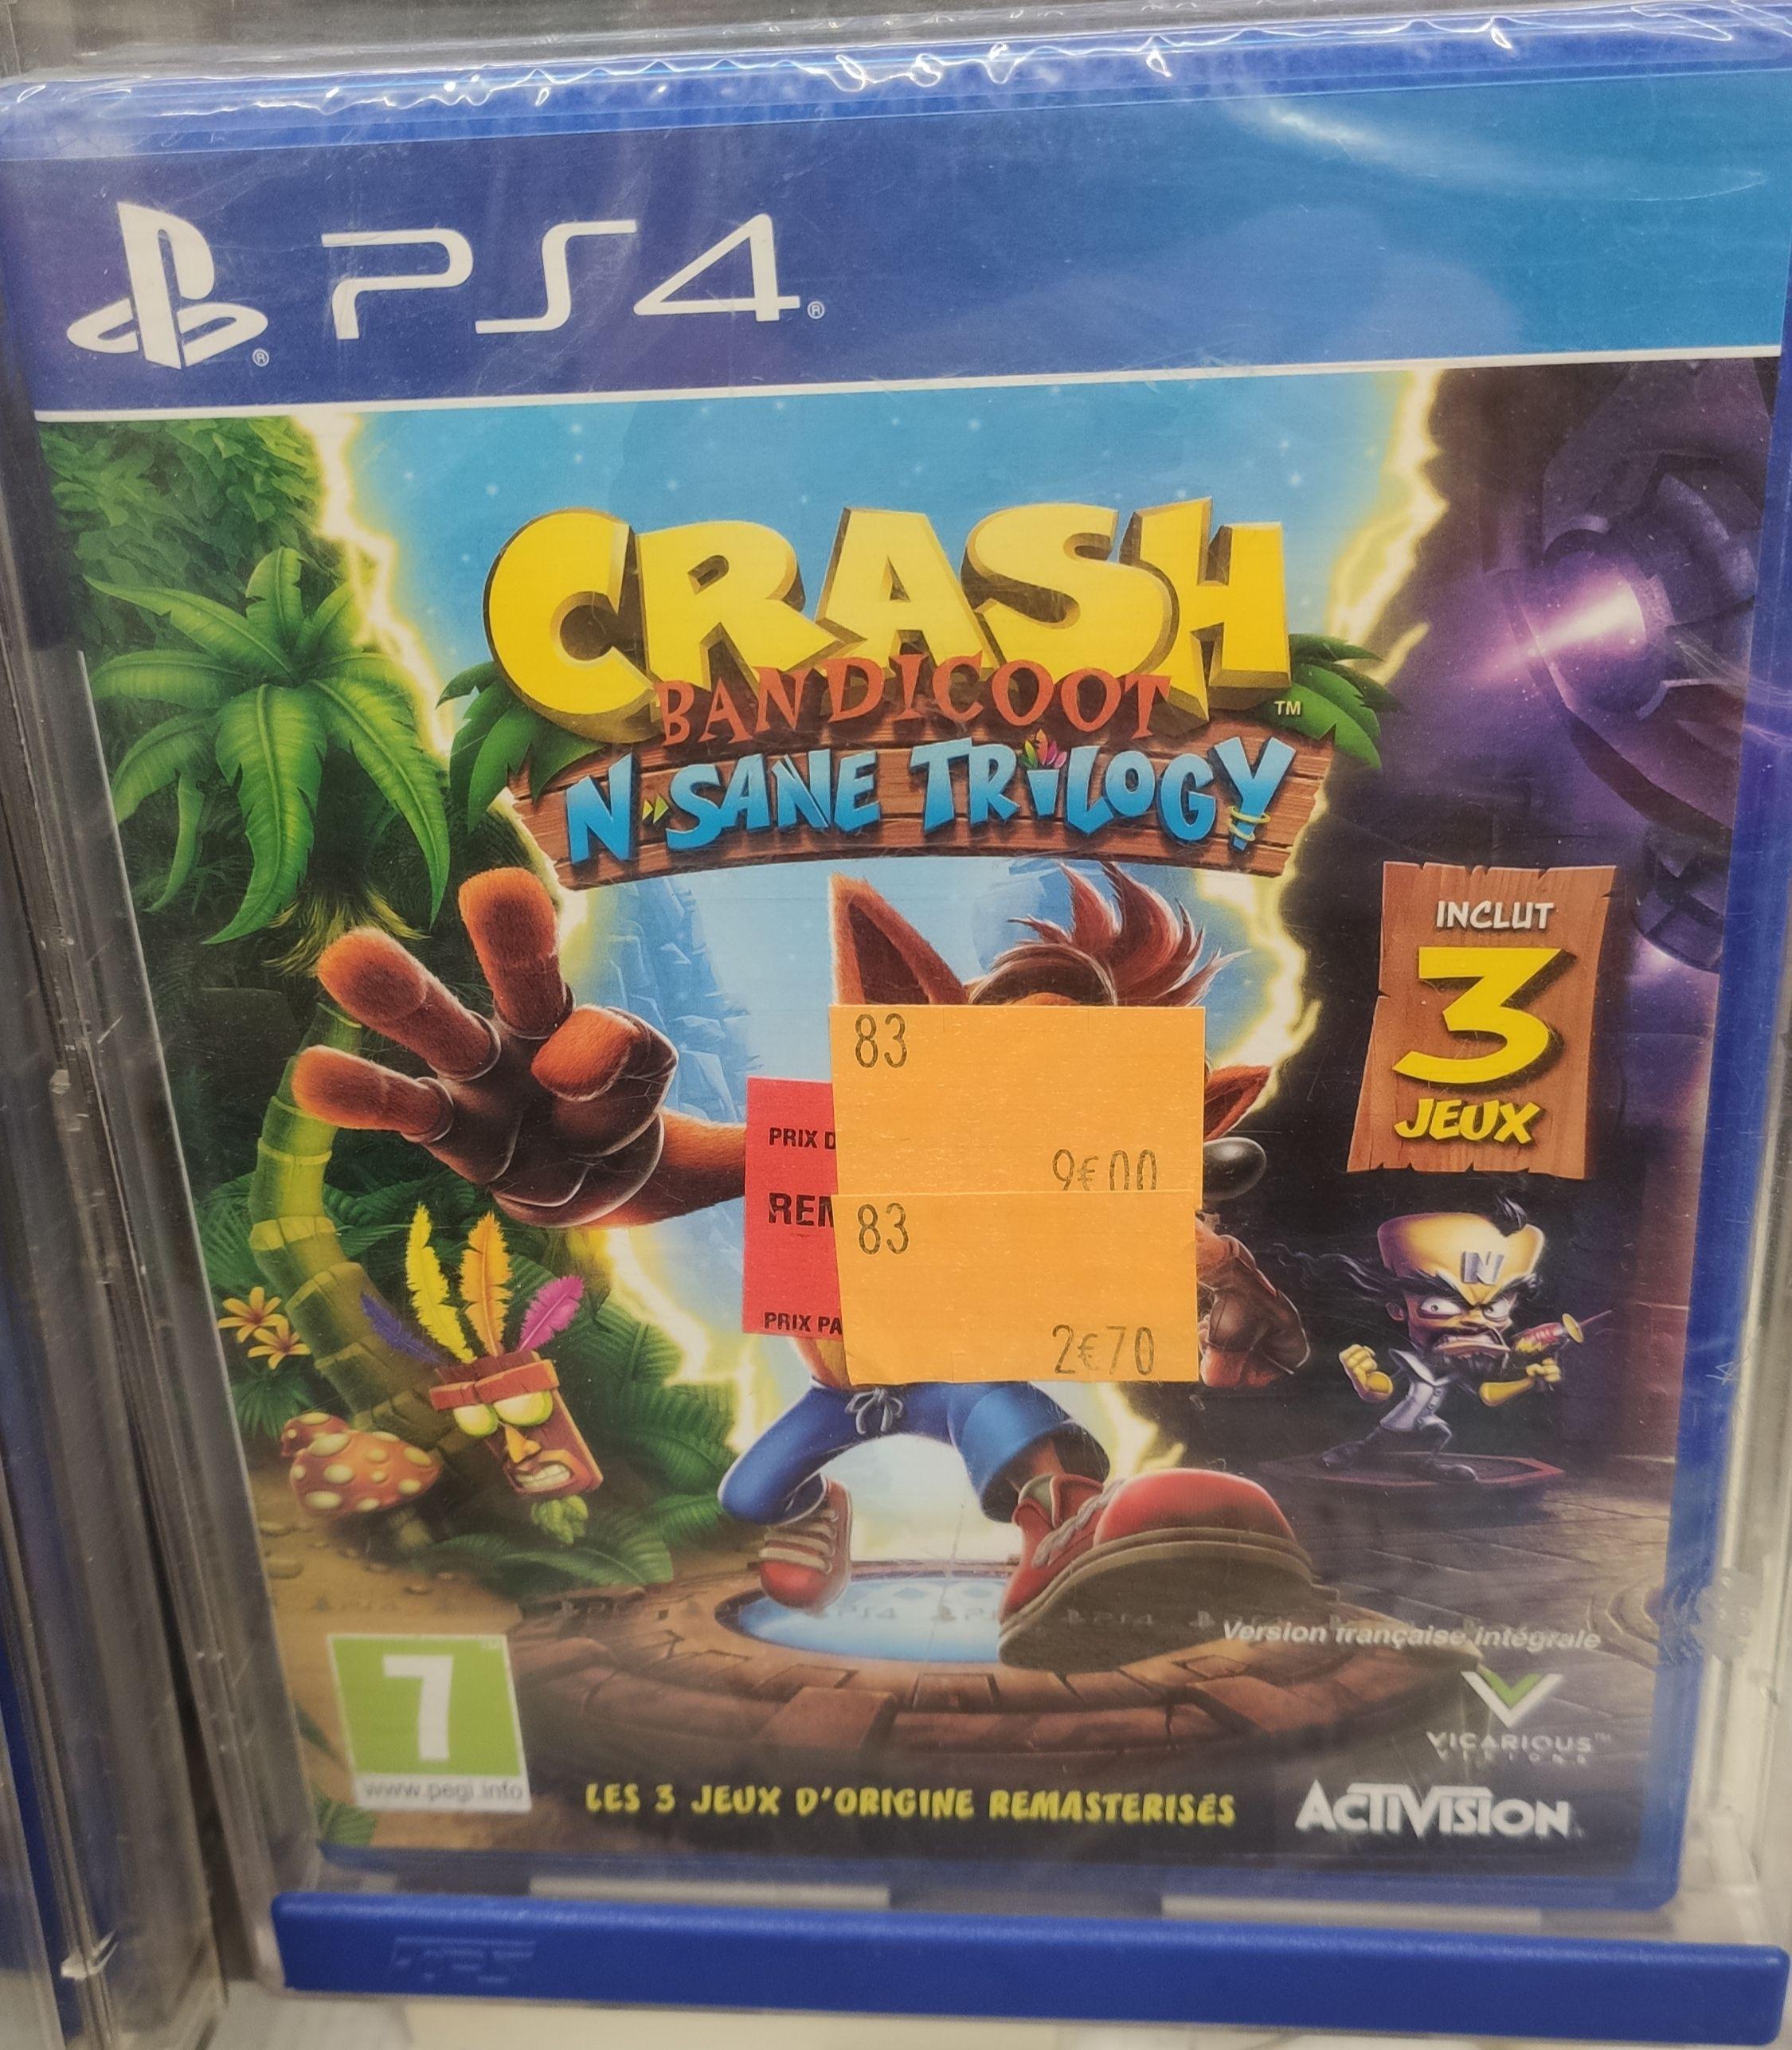 Crash Bandicoot: N. Sane Trilogy sur PS4 - Carrefour Outlet Le Mans (72)